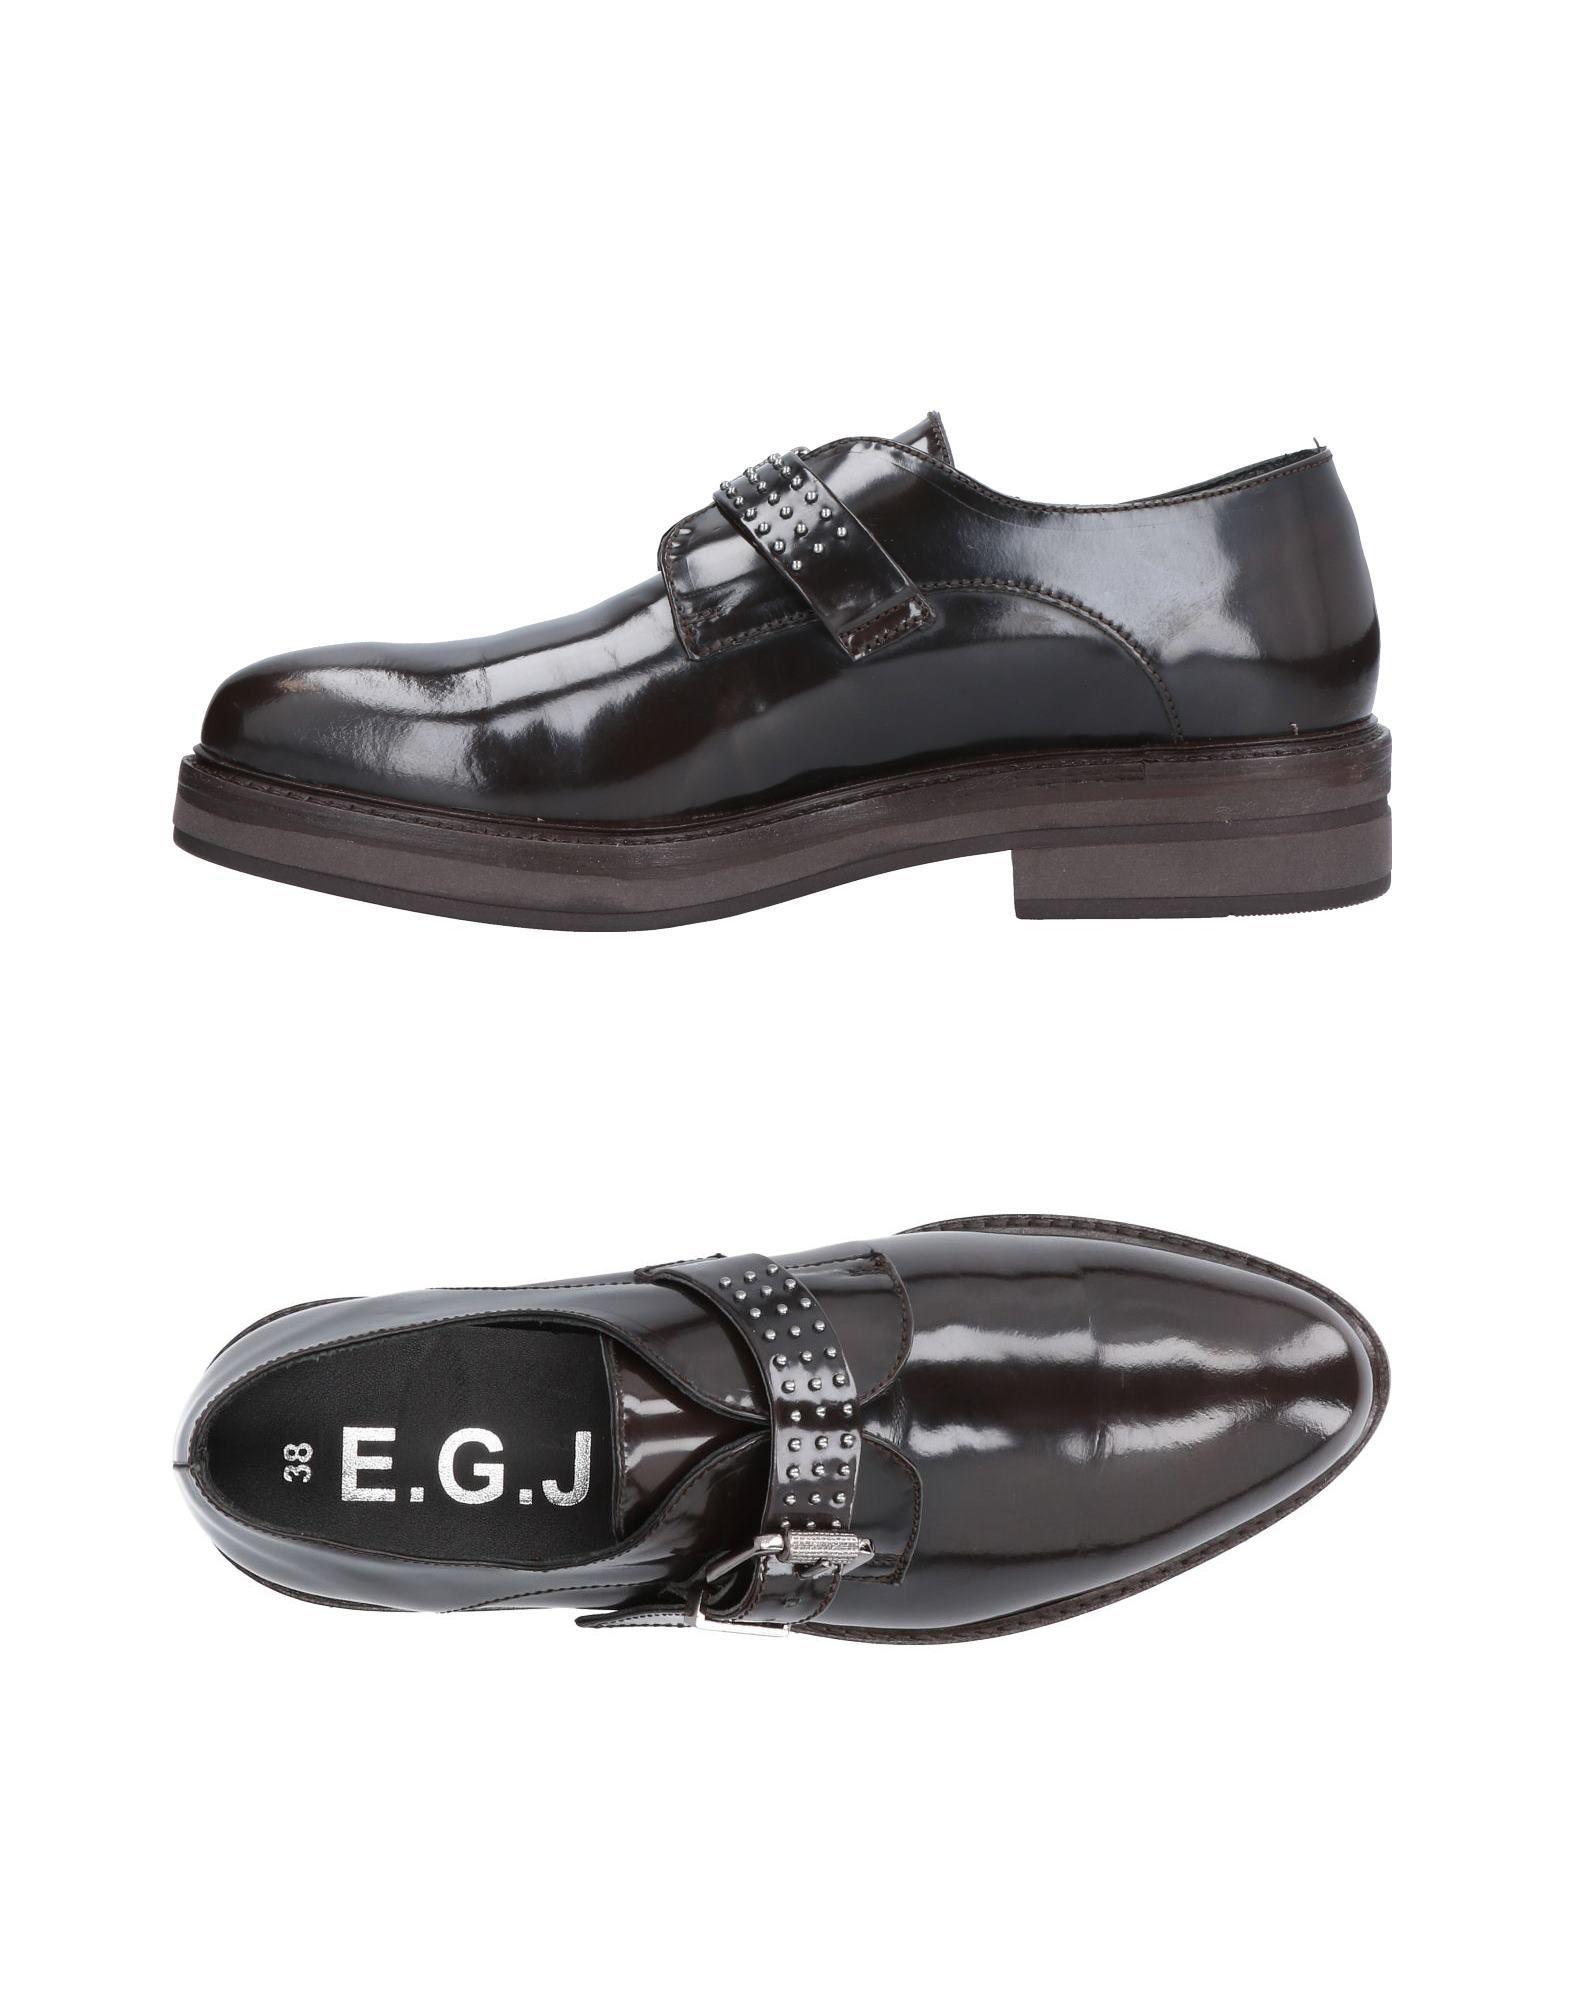 E.G.J. Mokassins Gute Damen  11480561RG Gute Mokassins Qualität beliebte Schuhe fd957f